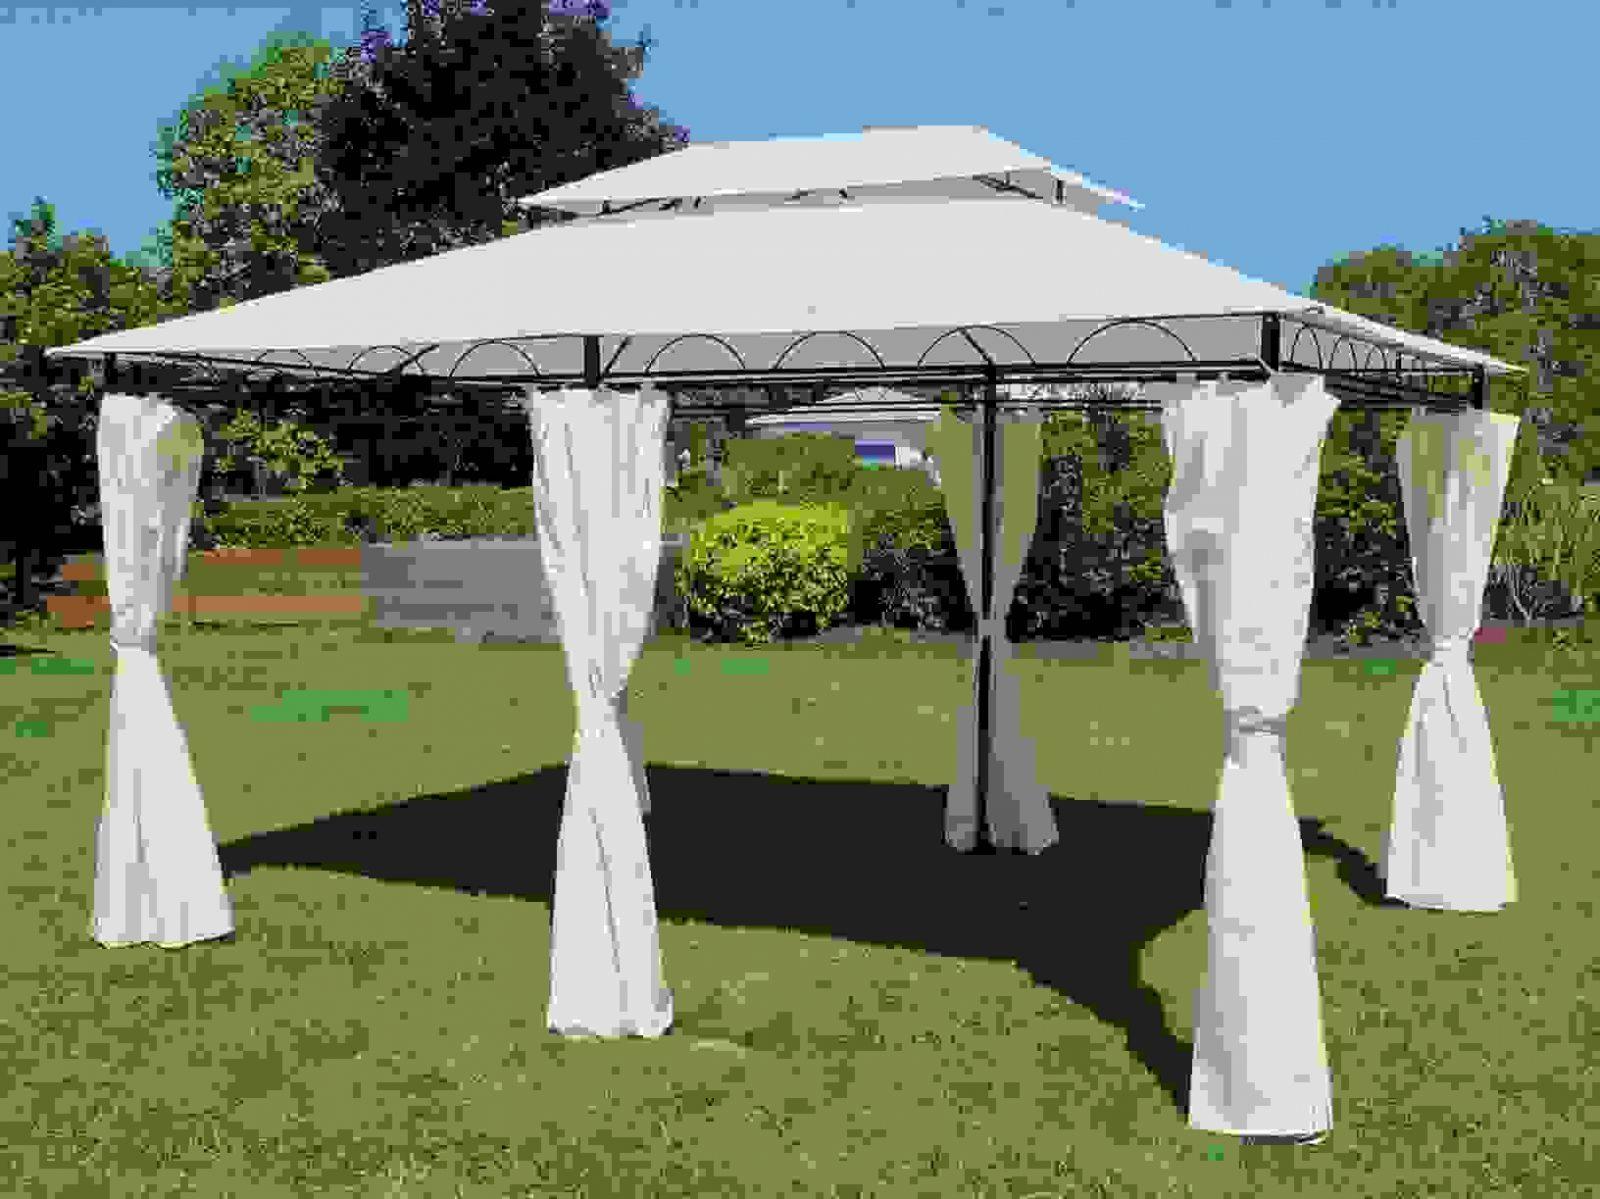 anbau pavillon wasserdicht anbaupavillon ist einzigartig planen von von pavillon 3x4 wasserdicht